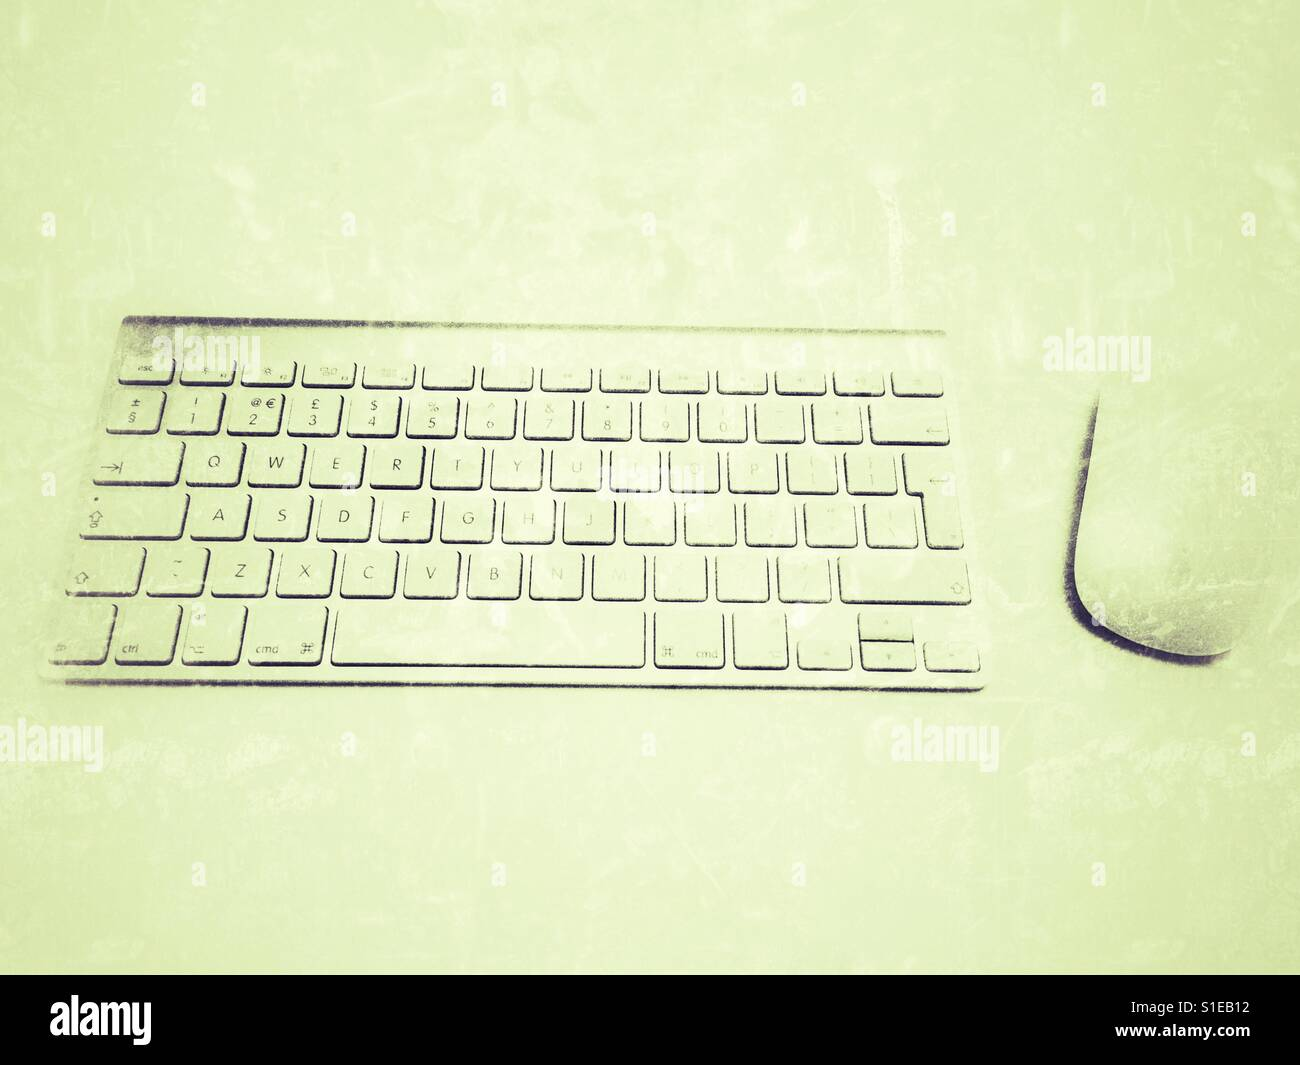 apple wireless keyboard instructions